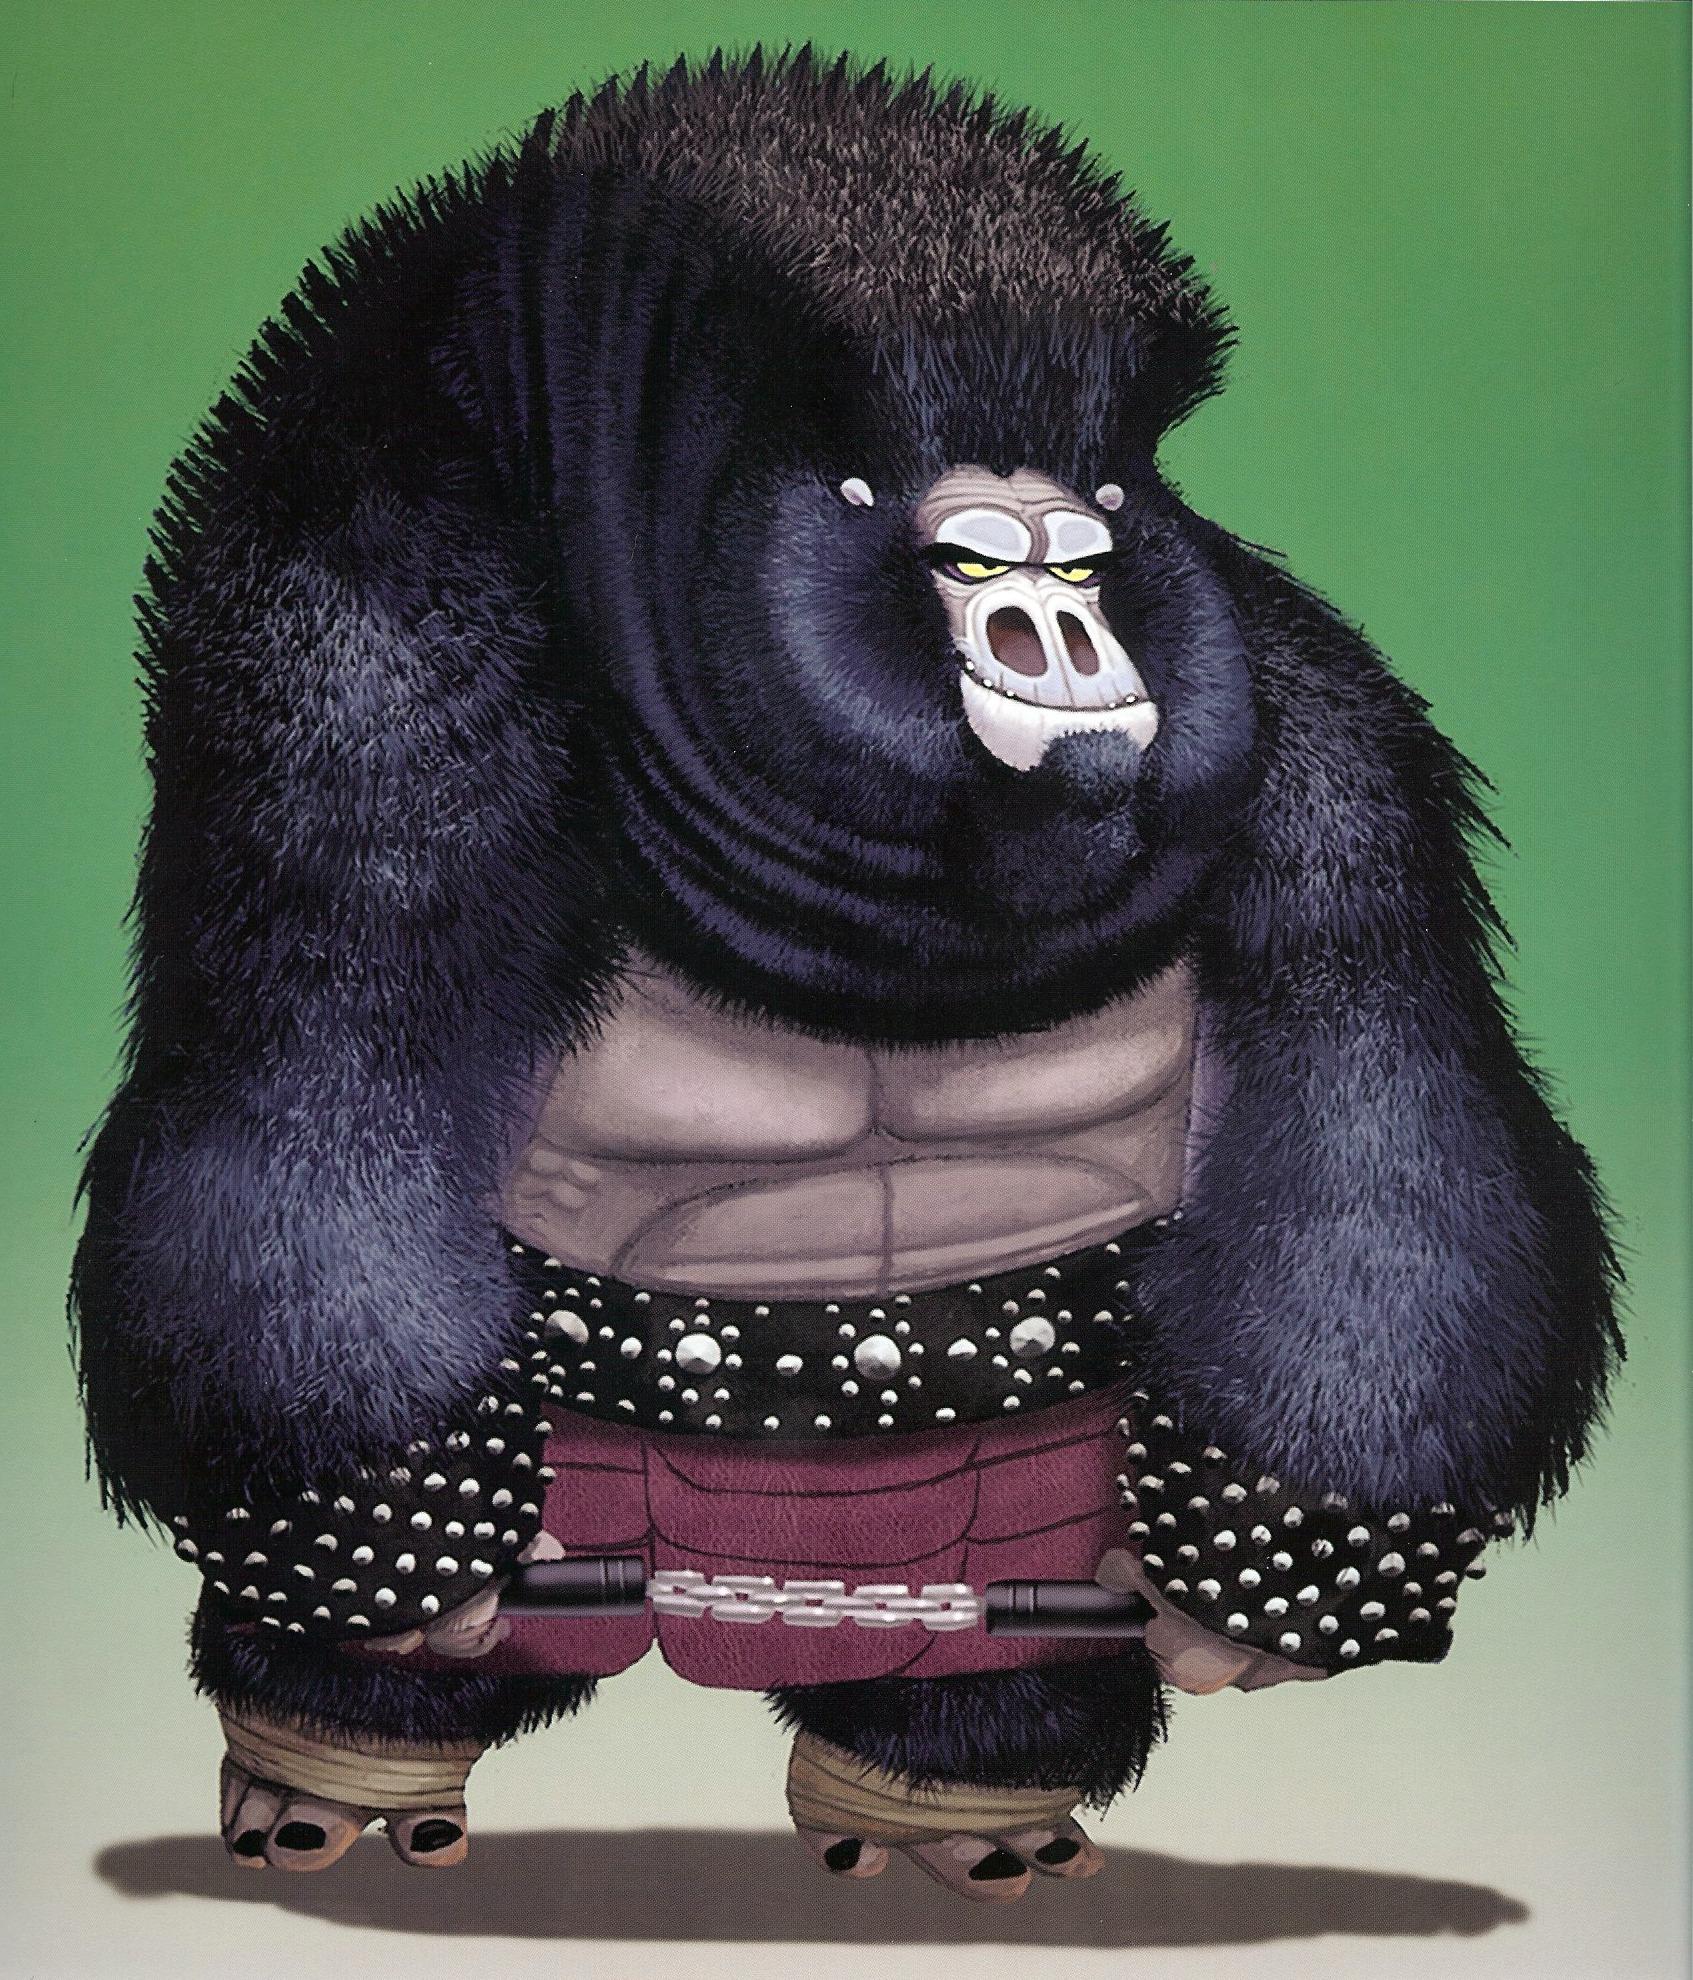 GorillaConcept1.jpg